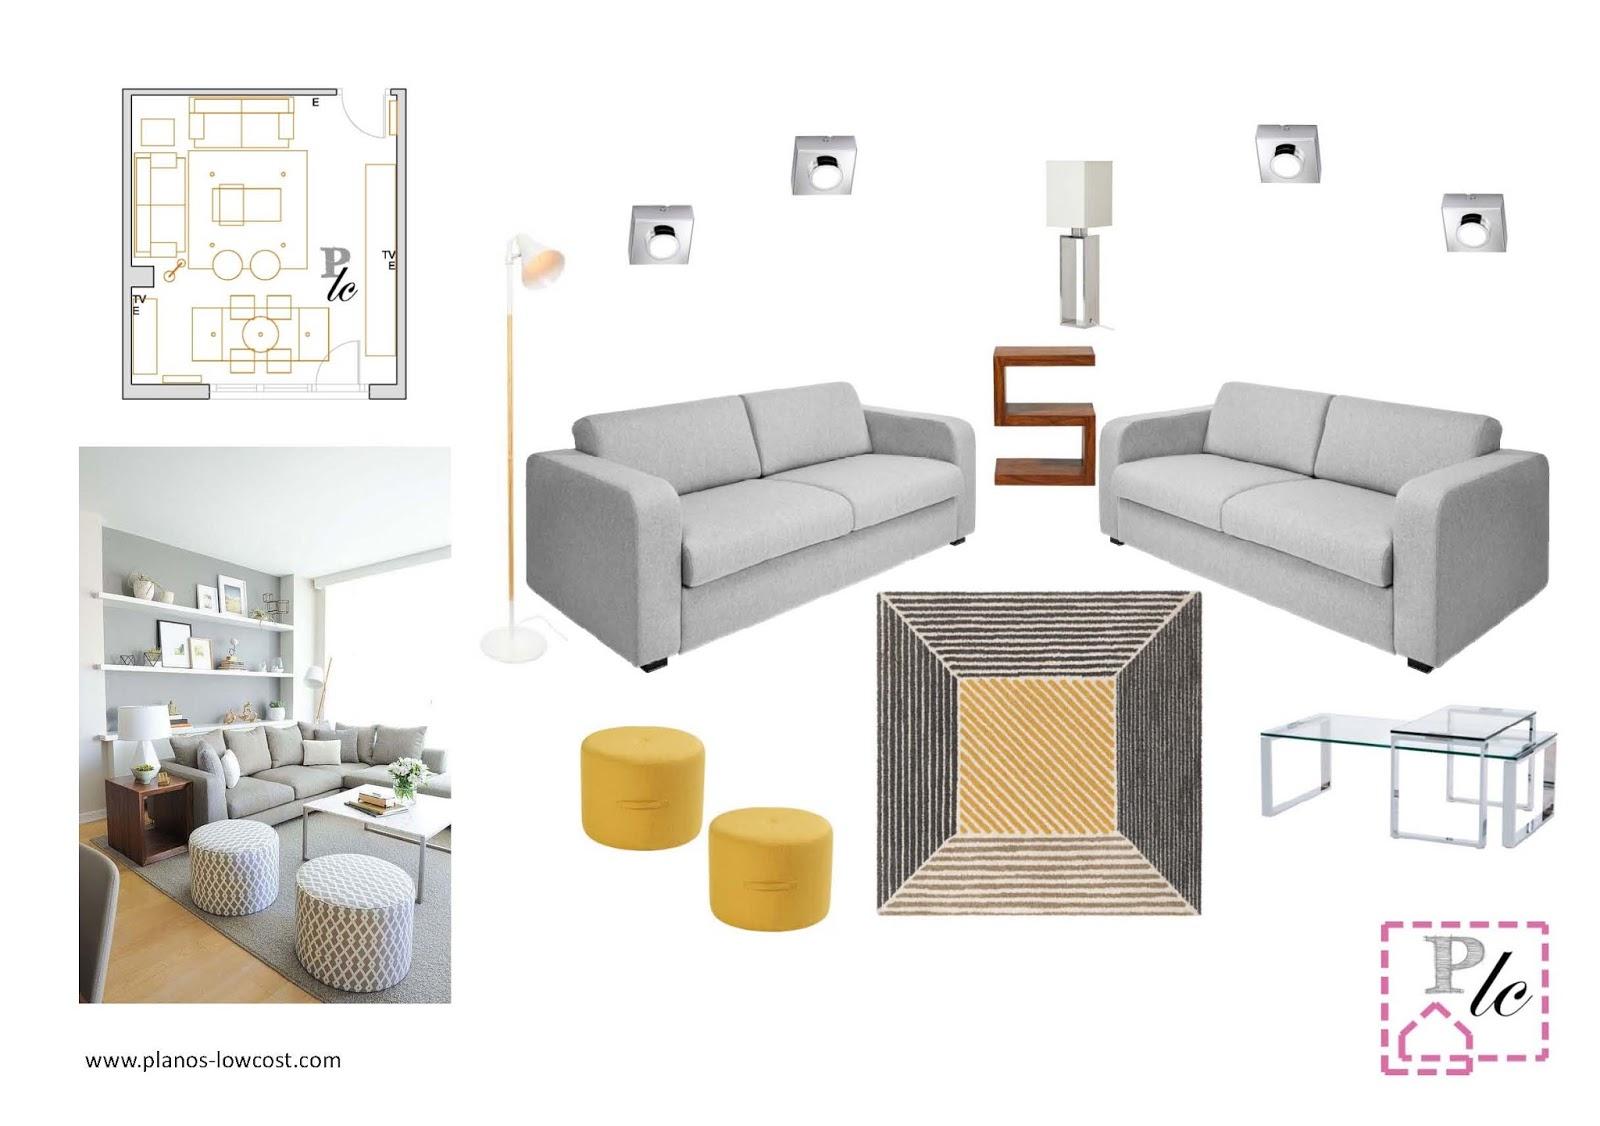 planos low cost: Interiorismo para el salón-comedor de Inma.